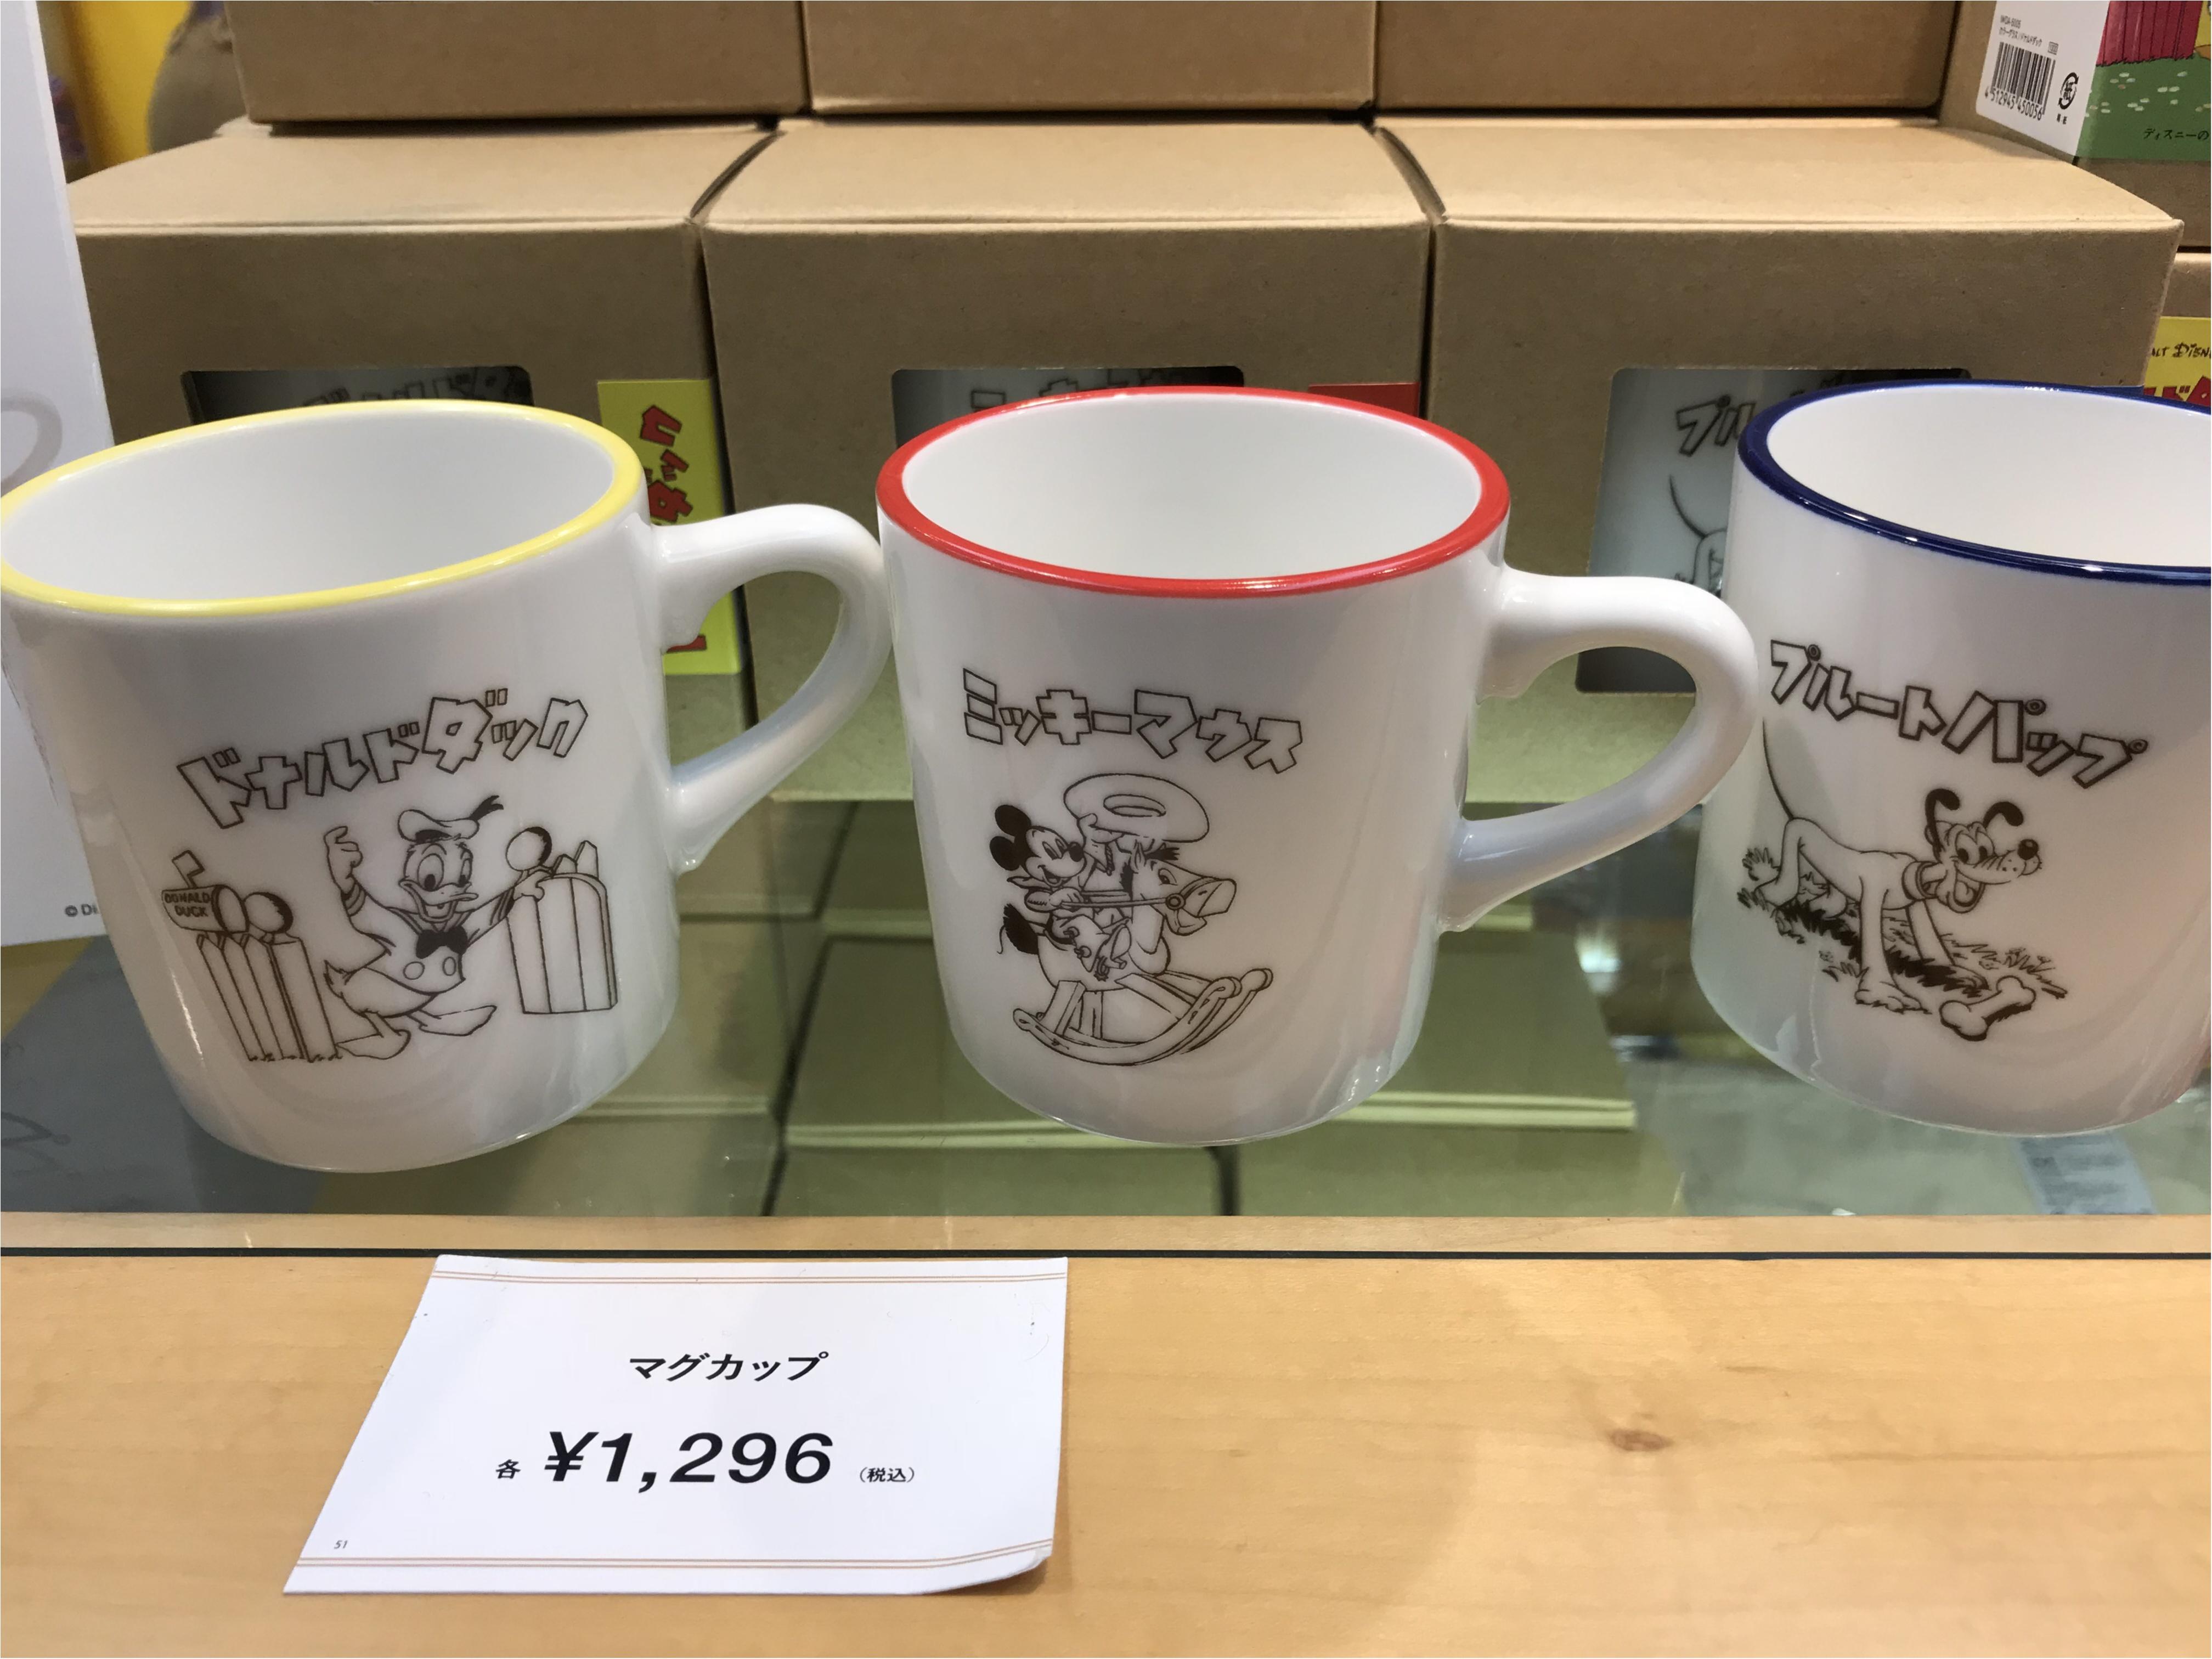 【銀座で開催】ウォルト・ディズニー・アーカイブス展_3